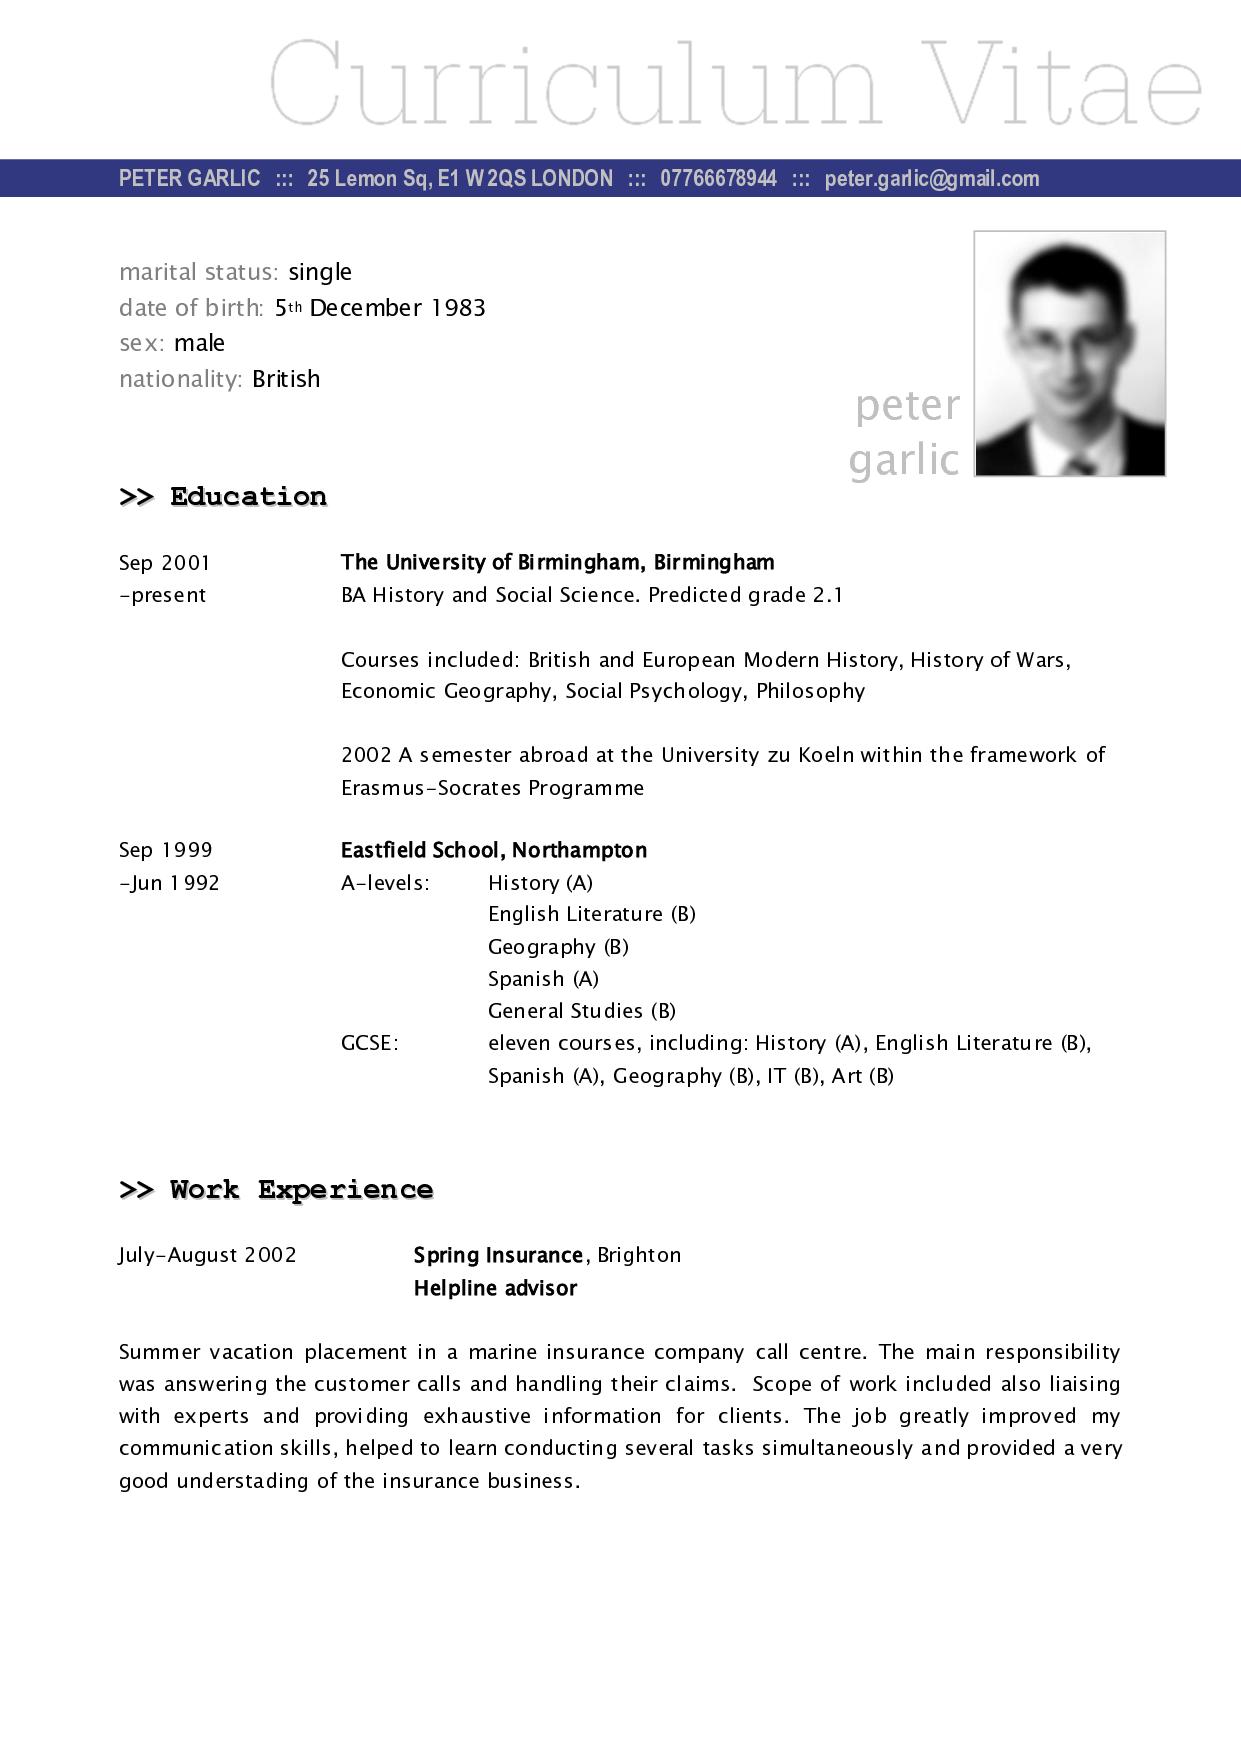 german cv format